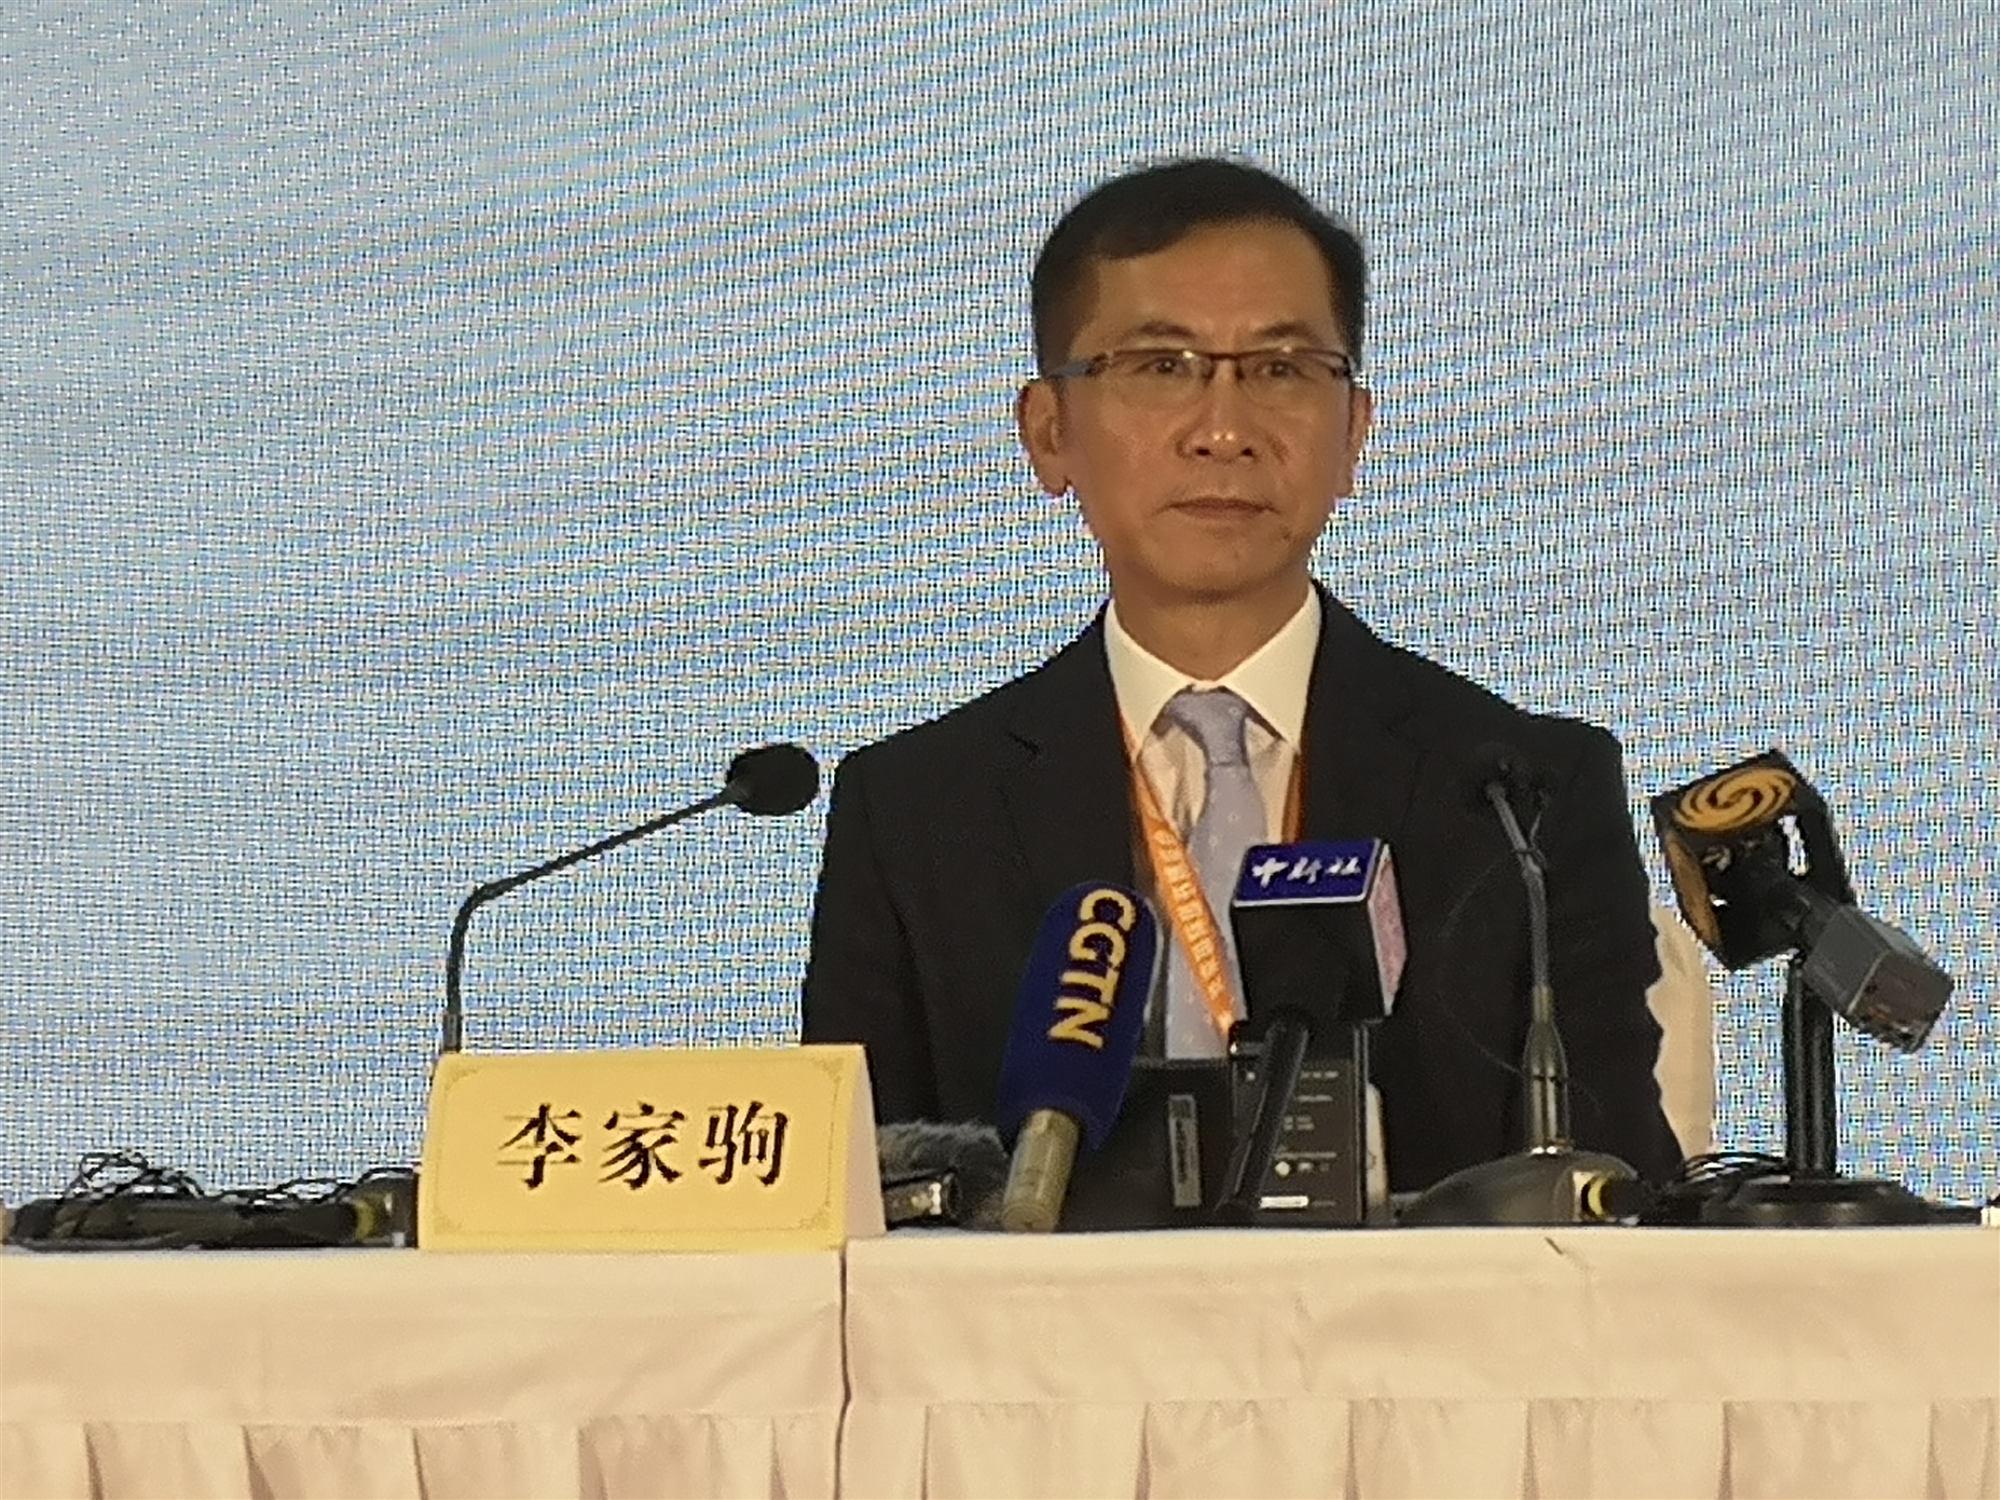 香港出版總會:譴責暴力事件 將為青少年出版更多正能量讀物